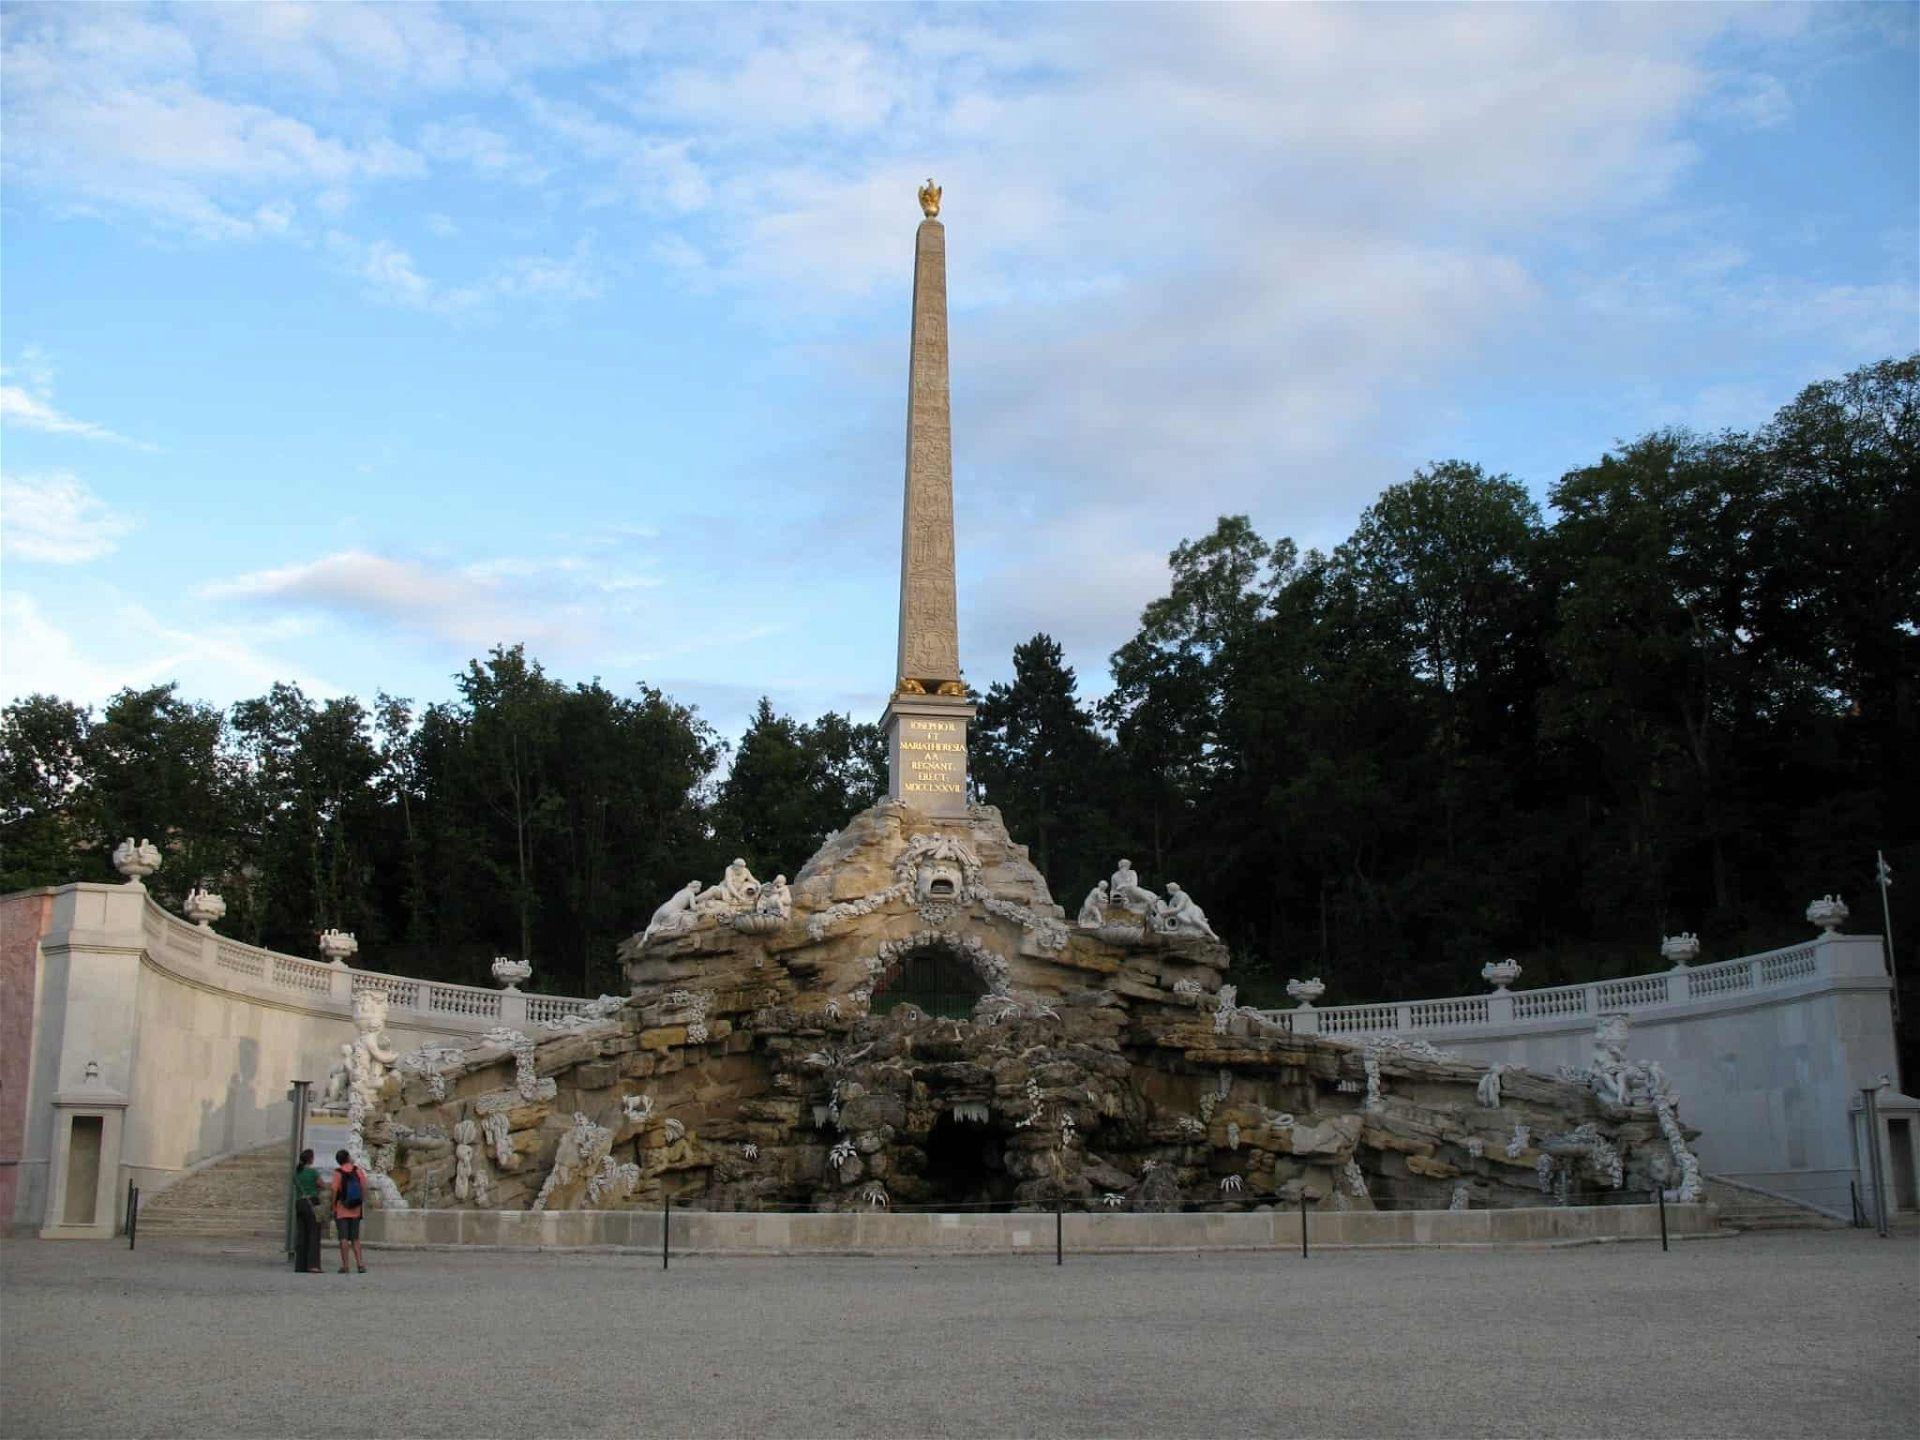 IMG_0286_-_Wien_-_Schloss_Schönbrunn_-_Obelisk